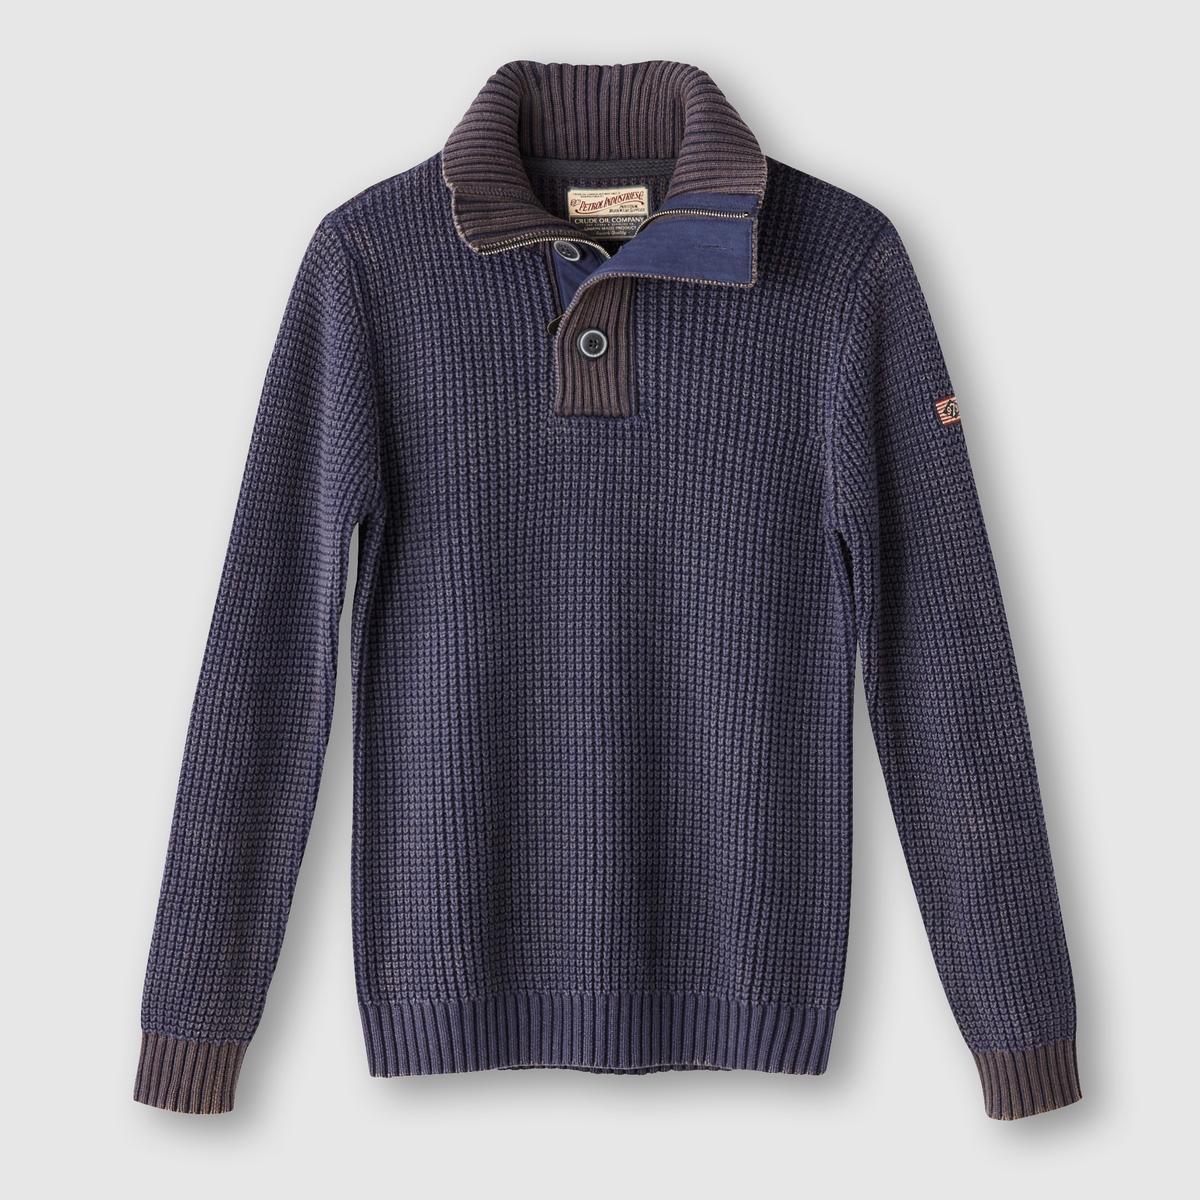 Пуловер с высоким воротникомСостав и описаниеМатериал: 100% хлопок.Марка: PETROL INDUSTRIES.<br><br>Цвет: синий